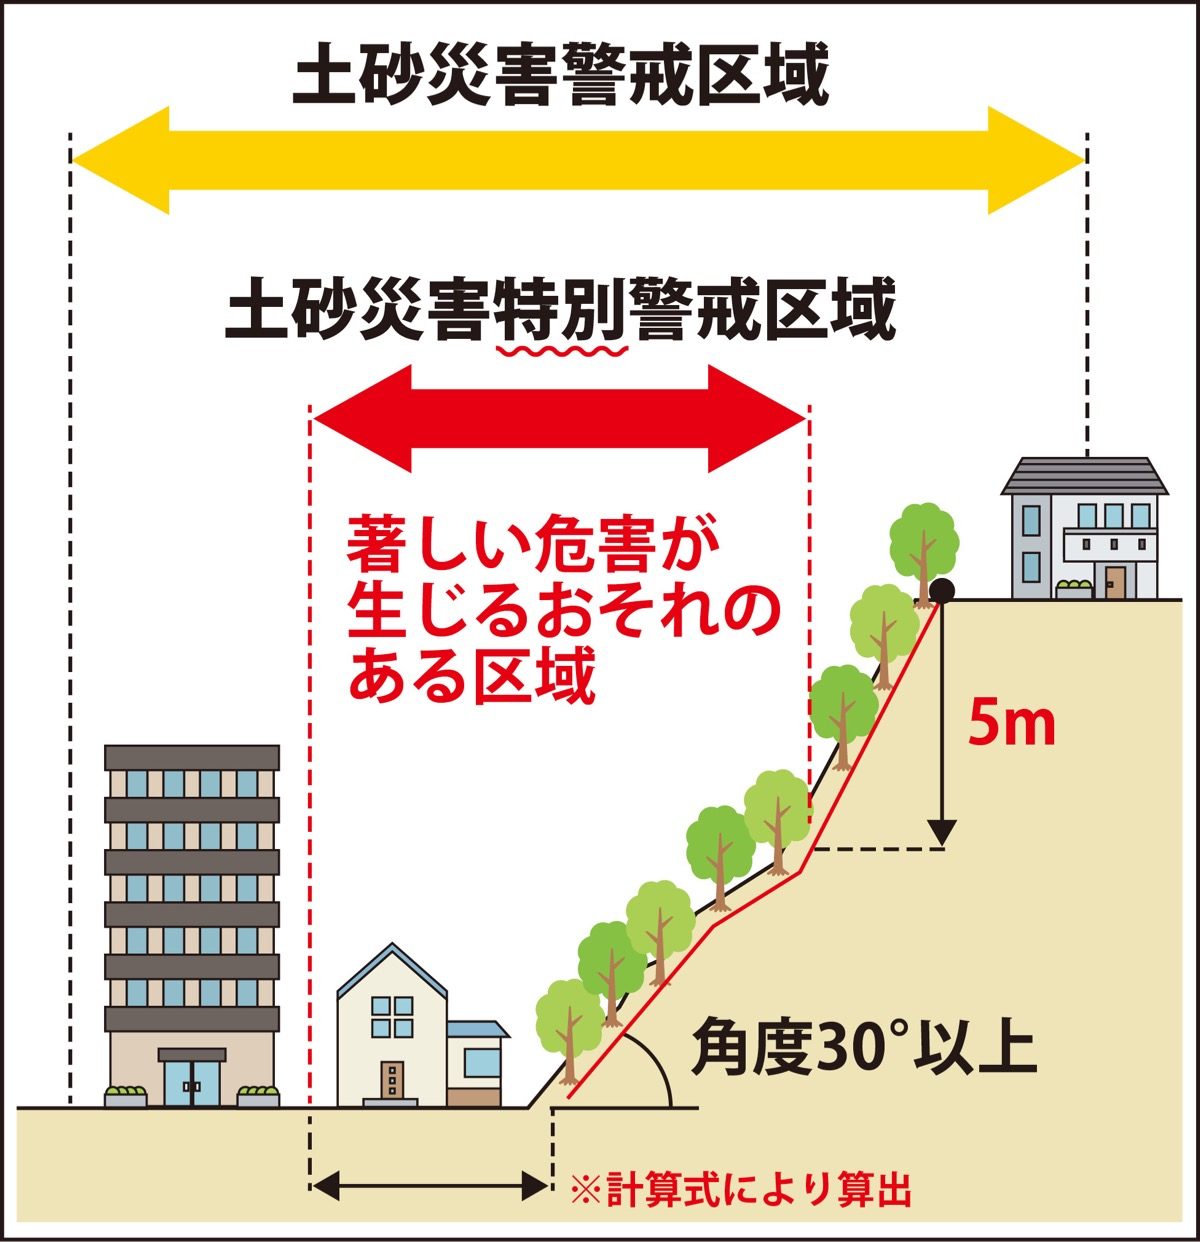 土砂災害特別警戒区域 レッド指定公表へ 県調査、開発などに規制 ...